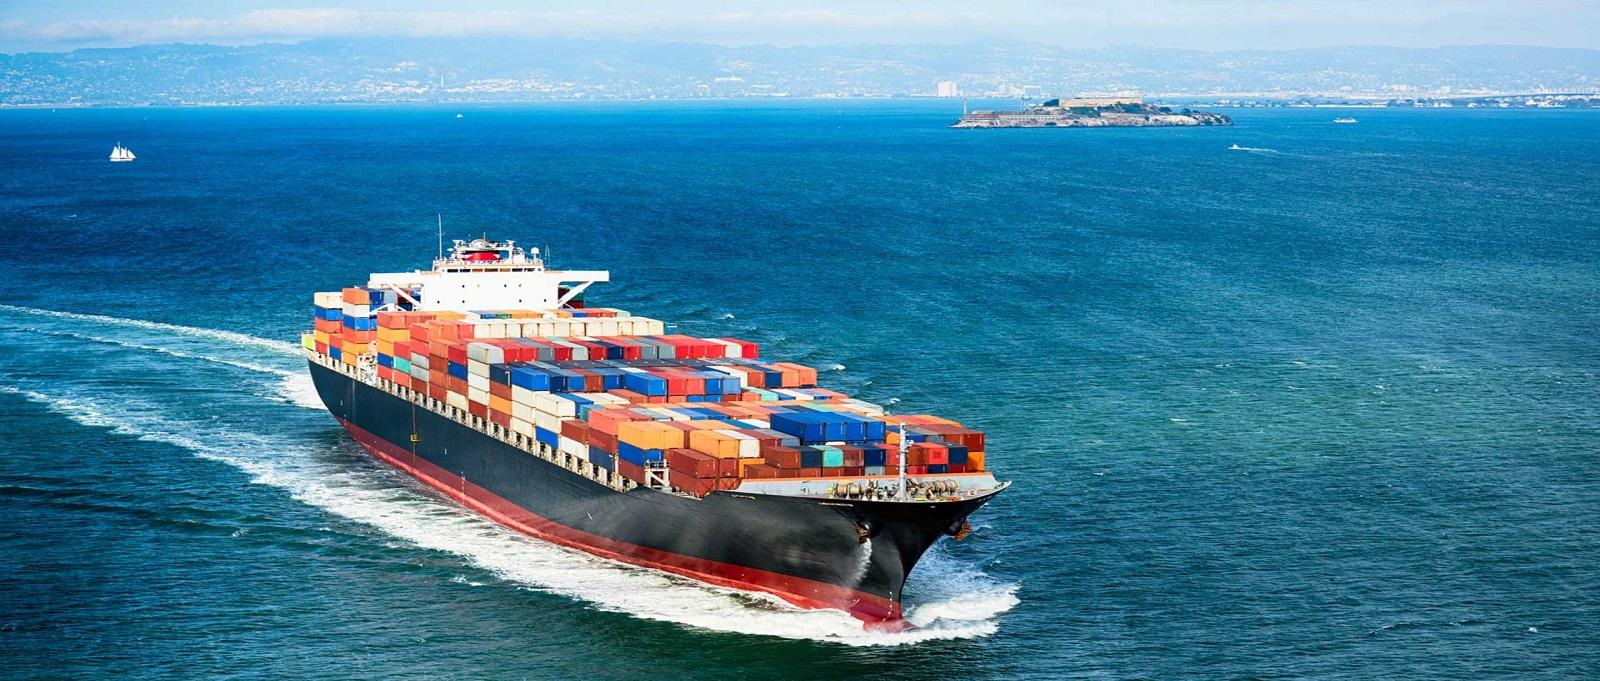 Doanh nghiệp logisitcs chật vật vì cước vận tải biển tăng chóng mặt - Nhịp  sống kinh tế Việt Nam & Thế giới